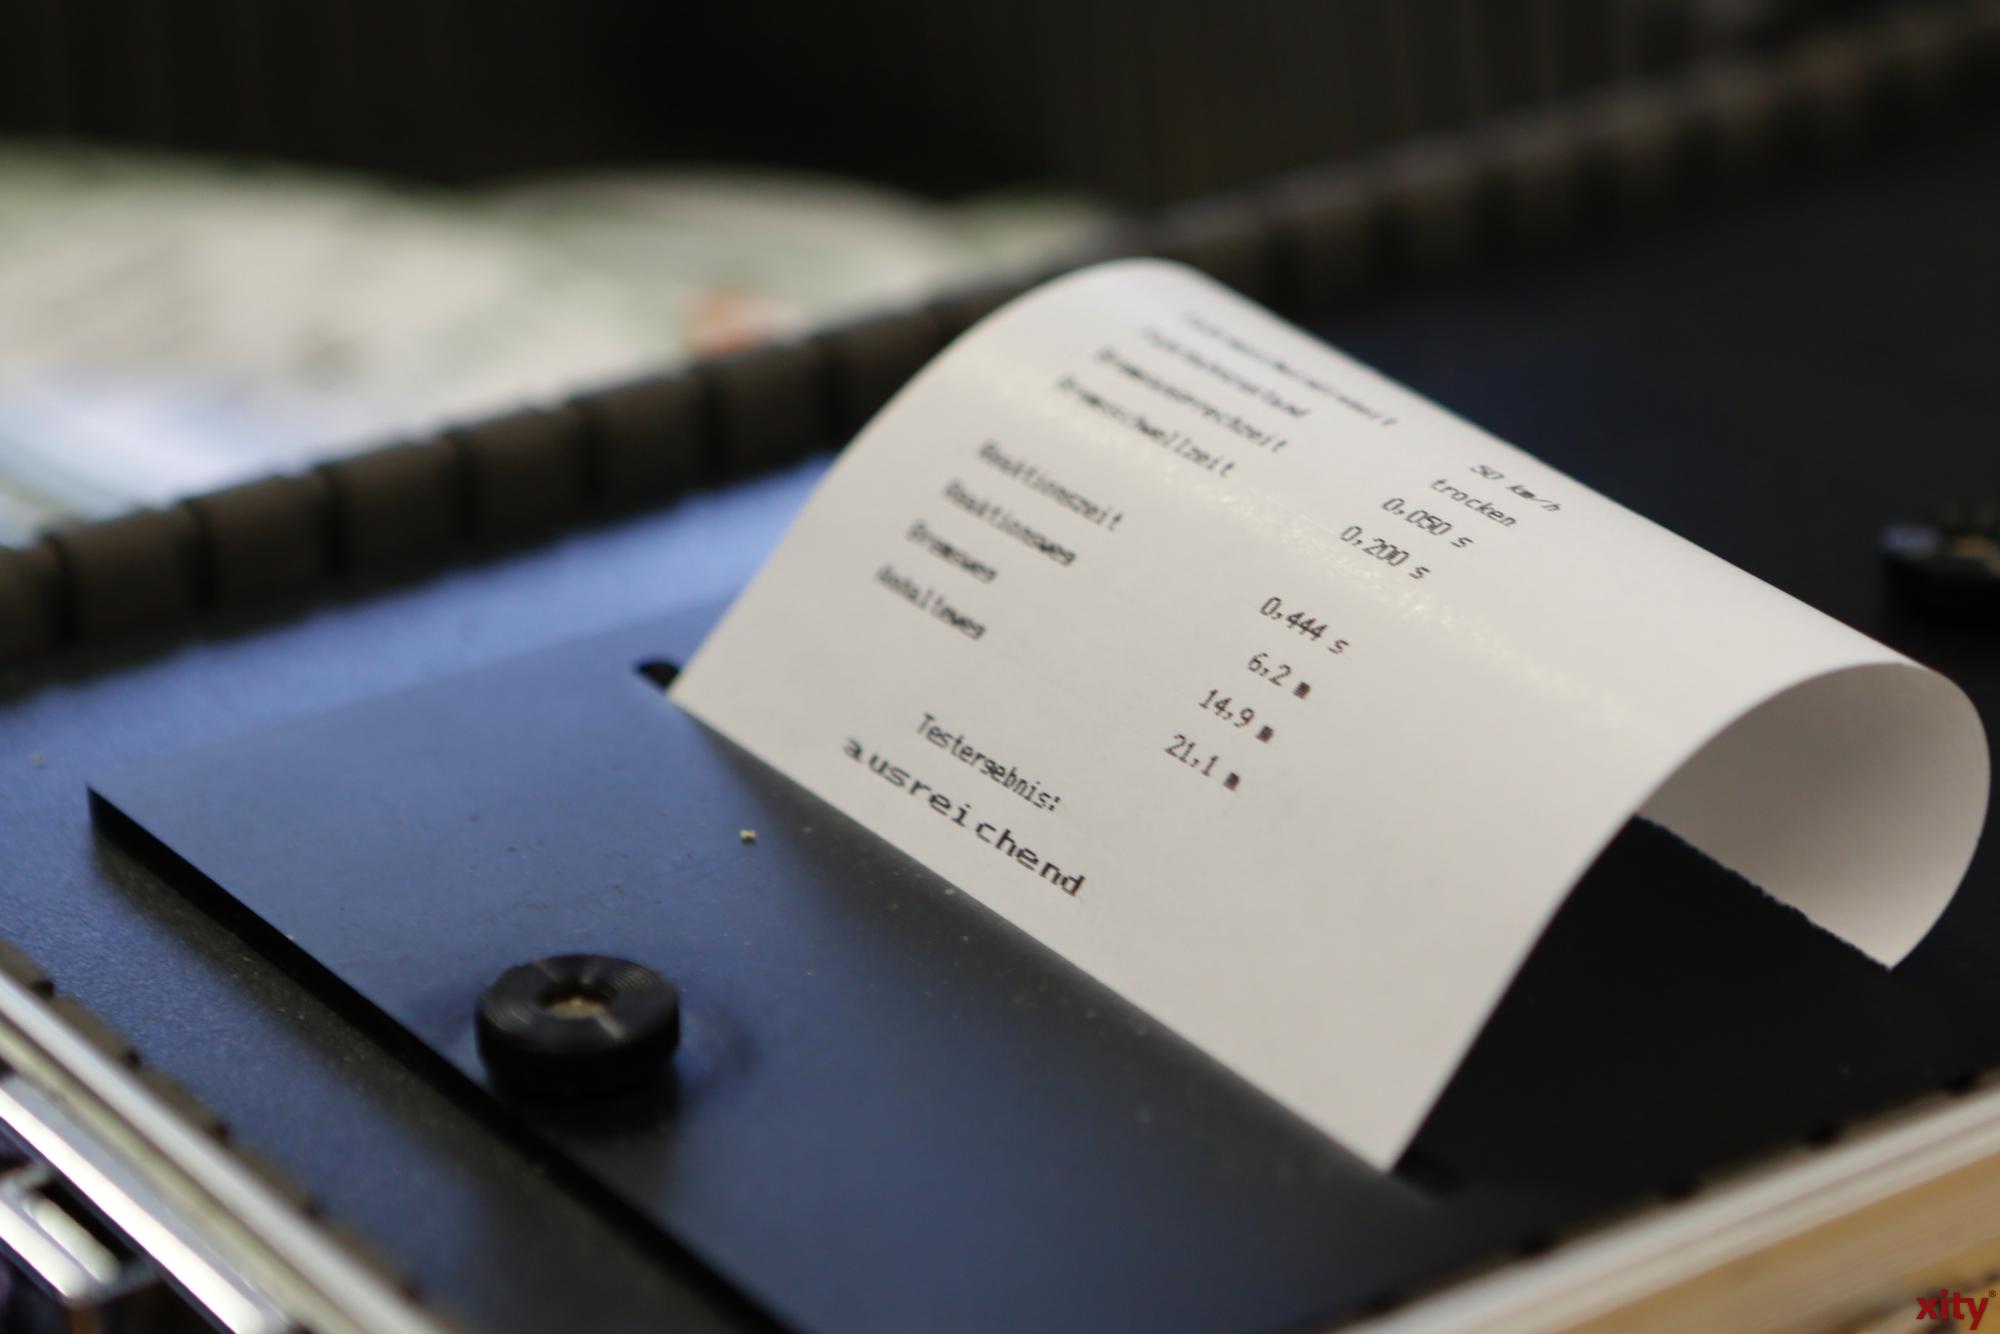 Am Schluss bekommt der Tester seine Ergebnisse (Foto: xity)